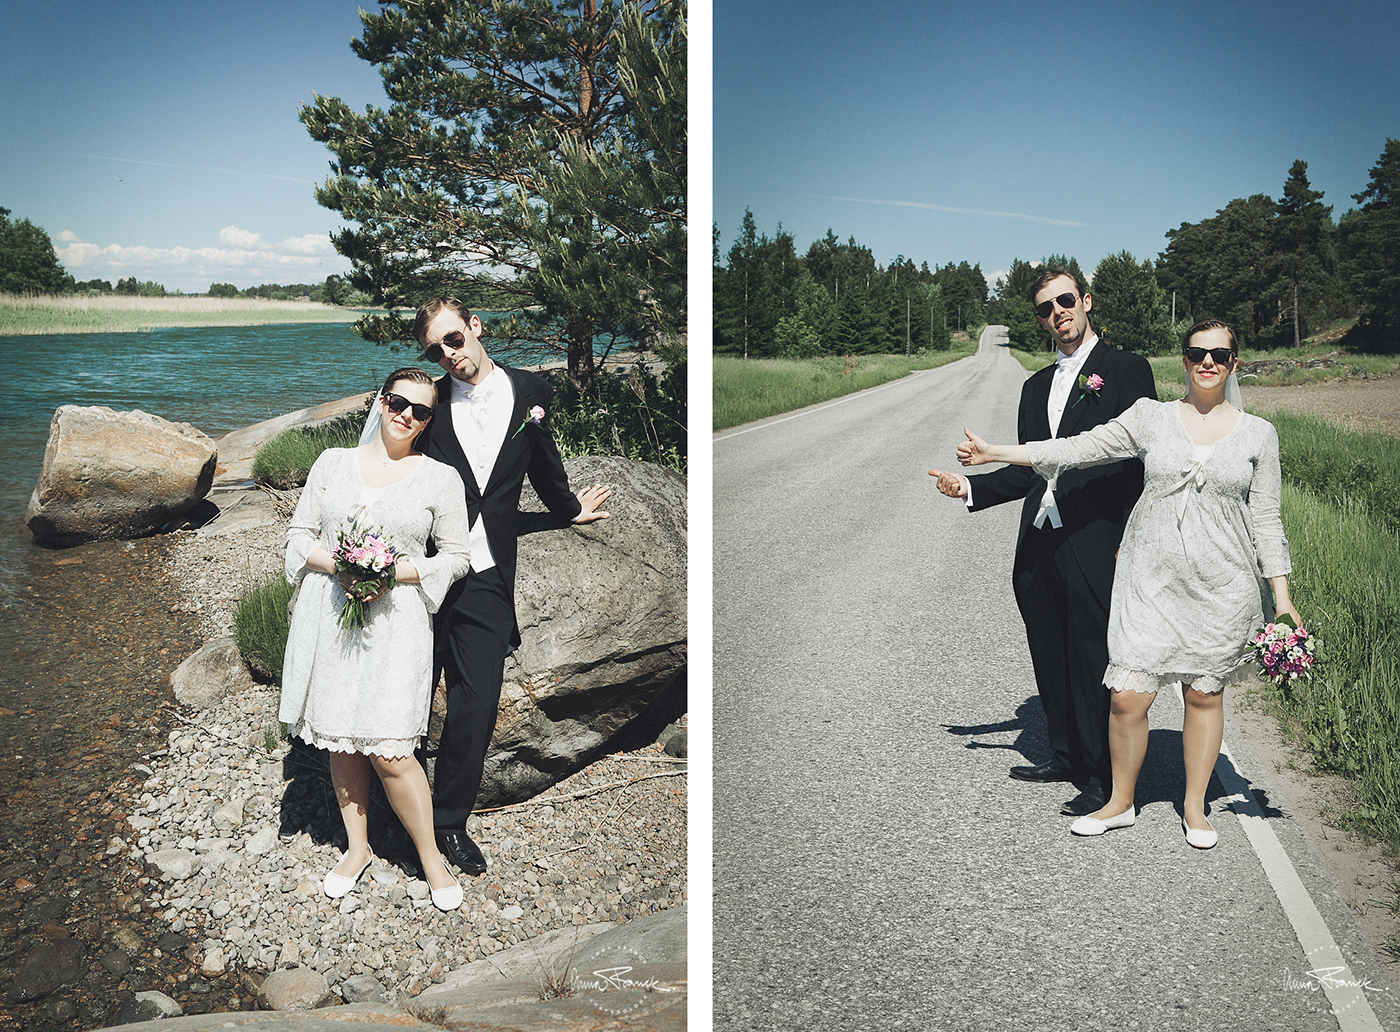 wedding, bröllop, häät, pargas, parainen, finland, suomi, hääkuvaus, bröllopsfotografering, anna, franck, porträtt, cool, annorlunda, unikt, ainutlaatuinen, stockholm, fotograf, kyrka, bukett